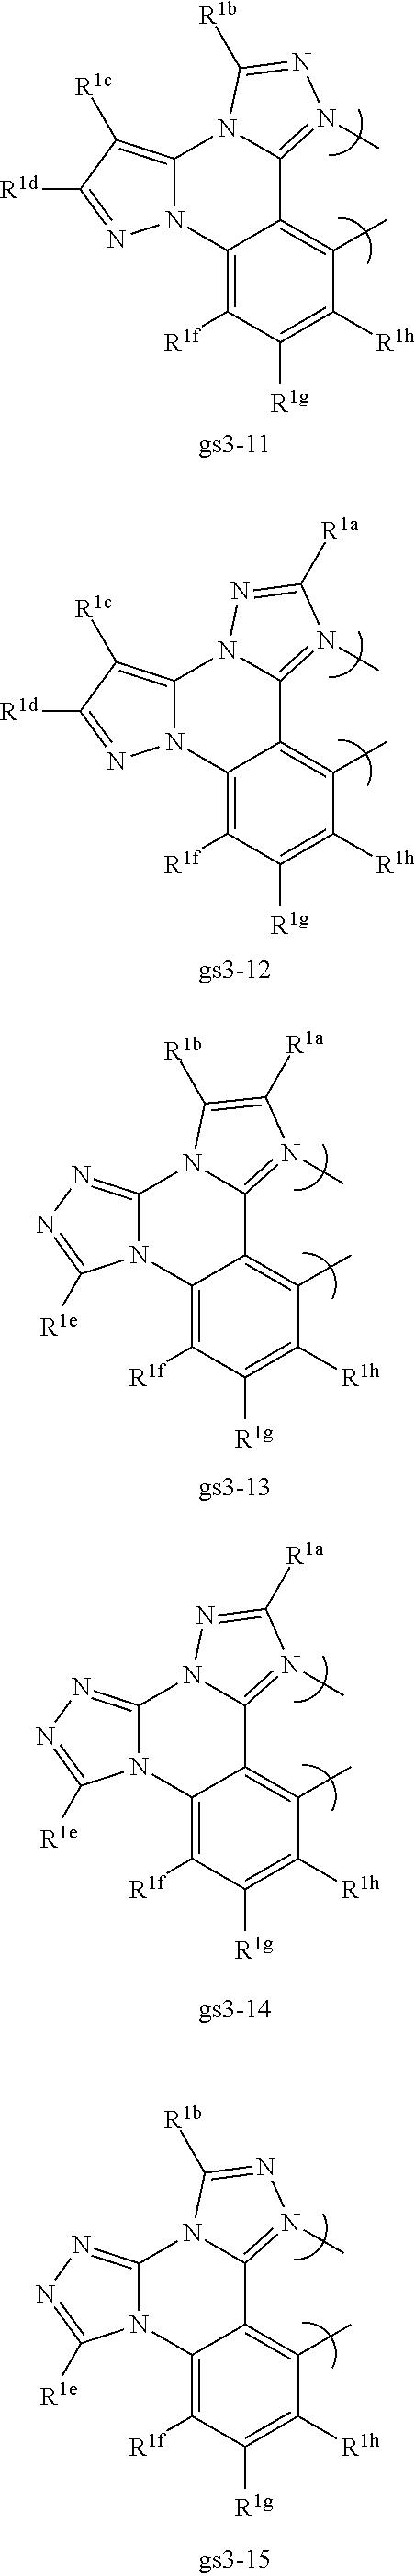 Figure US07915415-20110329-C00020